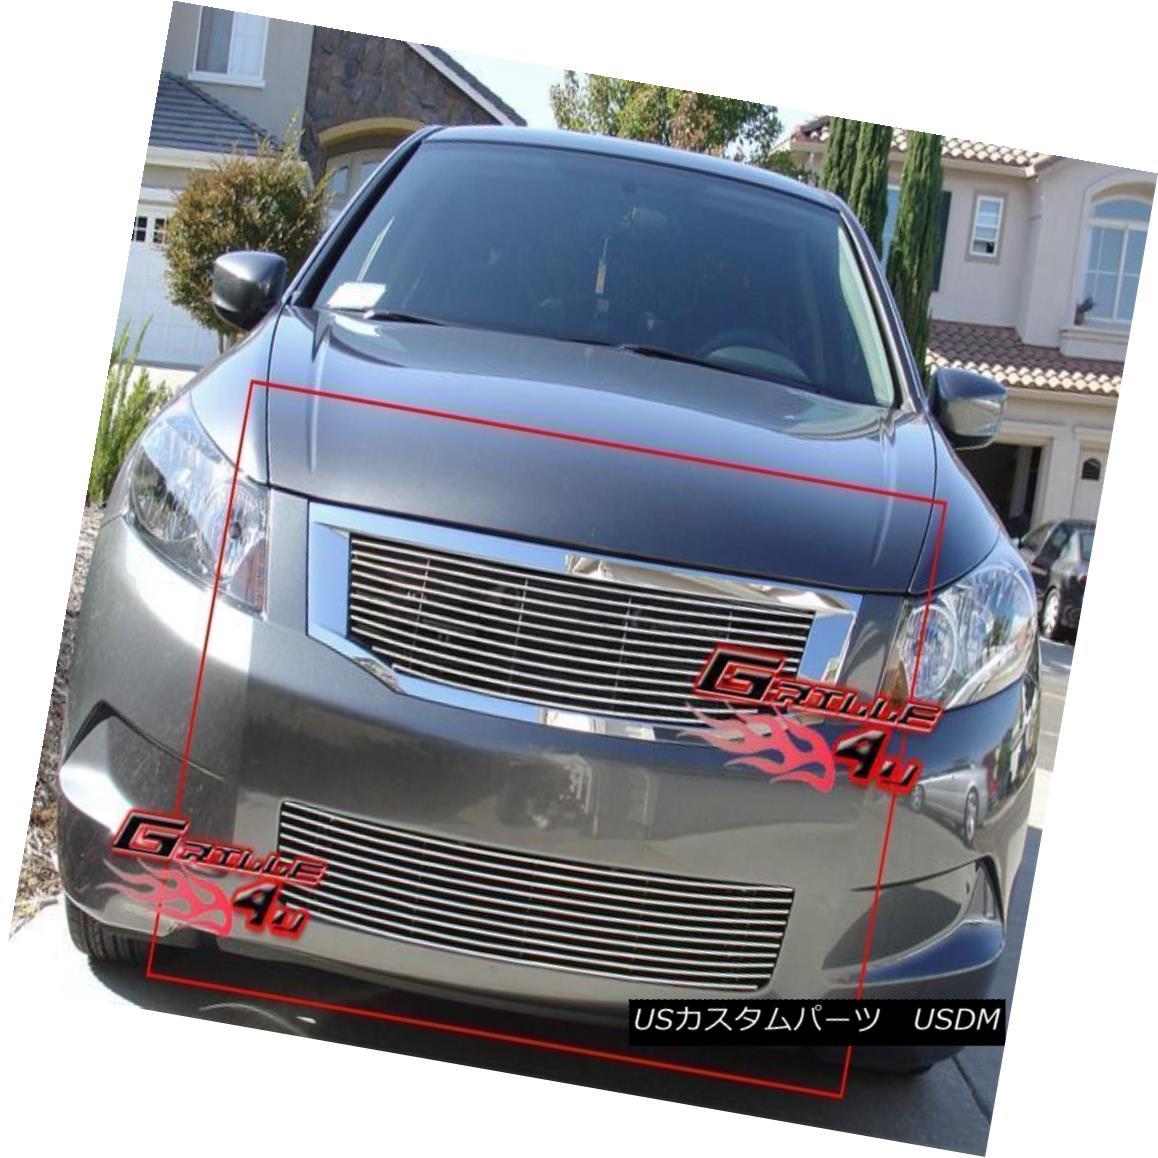 グリル Fits 2008-2010 Honda Accord Sedan Billet Grille Combo Fond 2008-2010 Honda Accordセダンビレットグリルコンボ